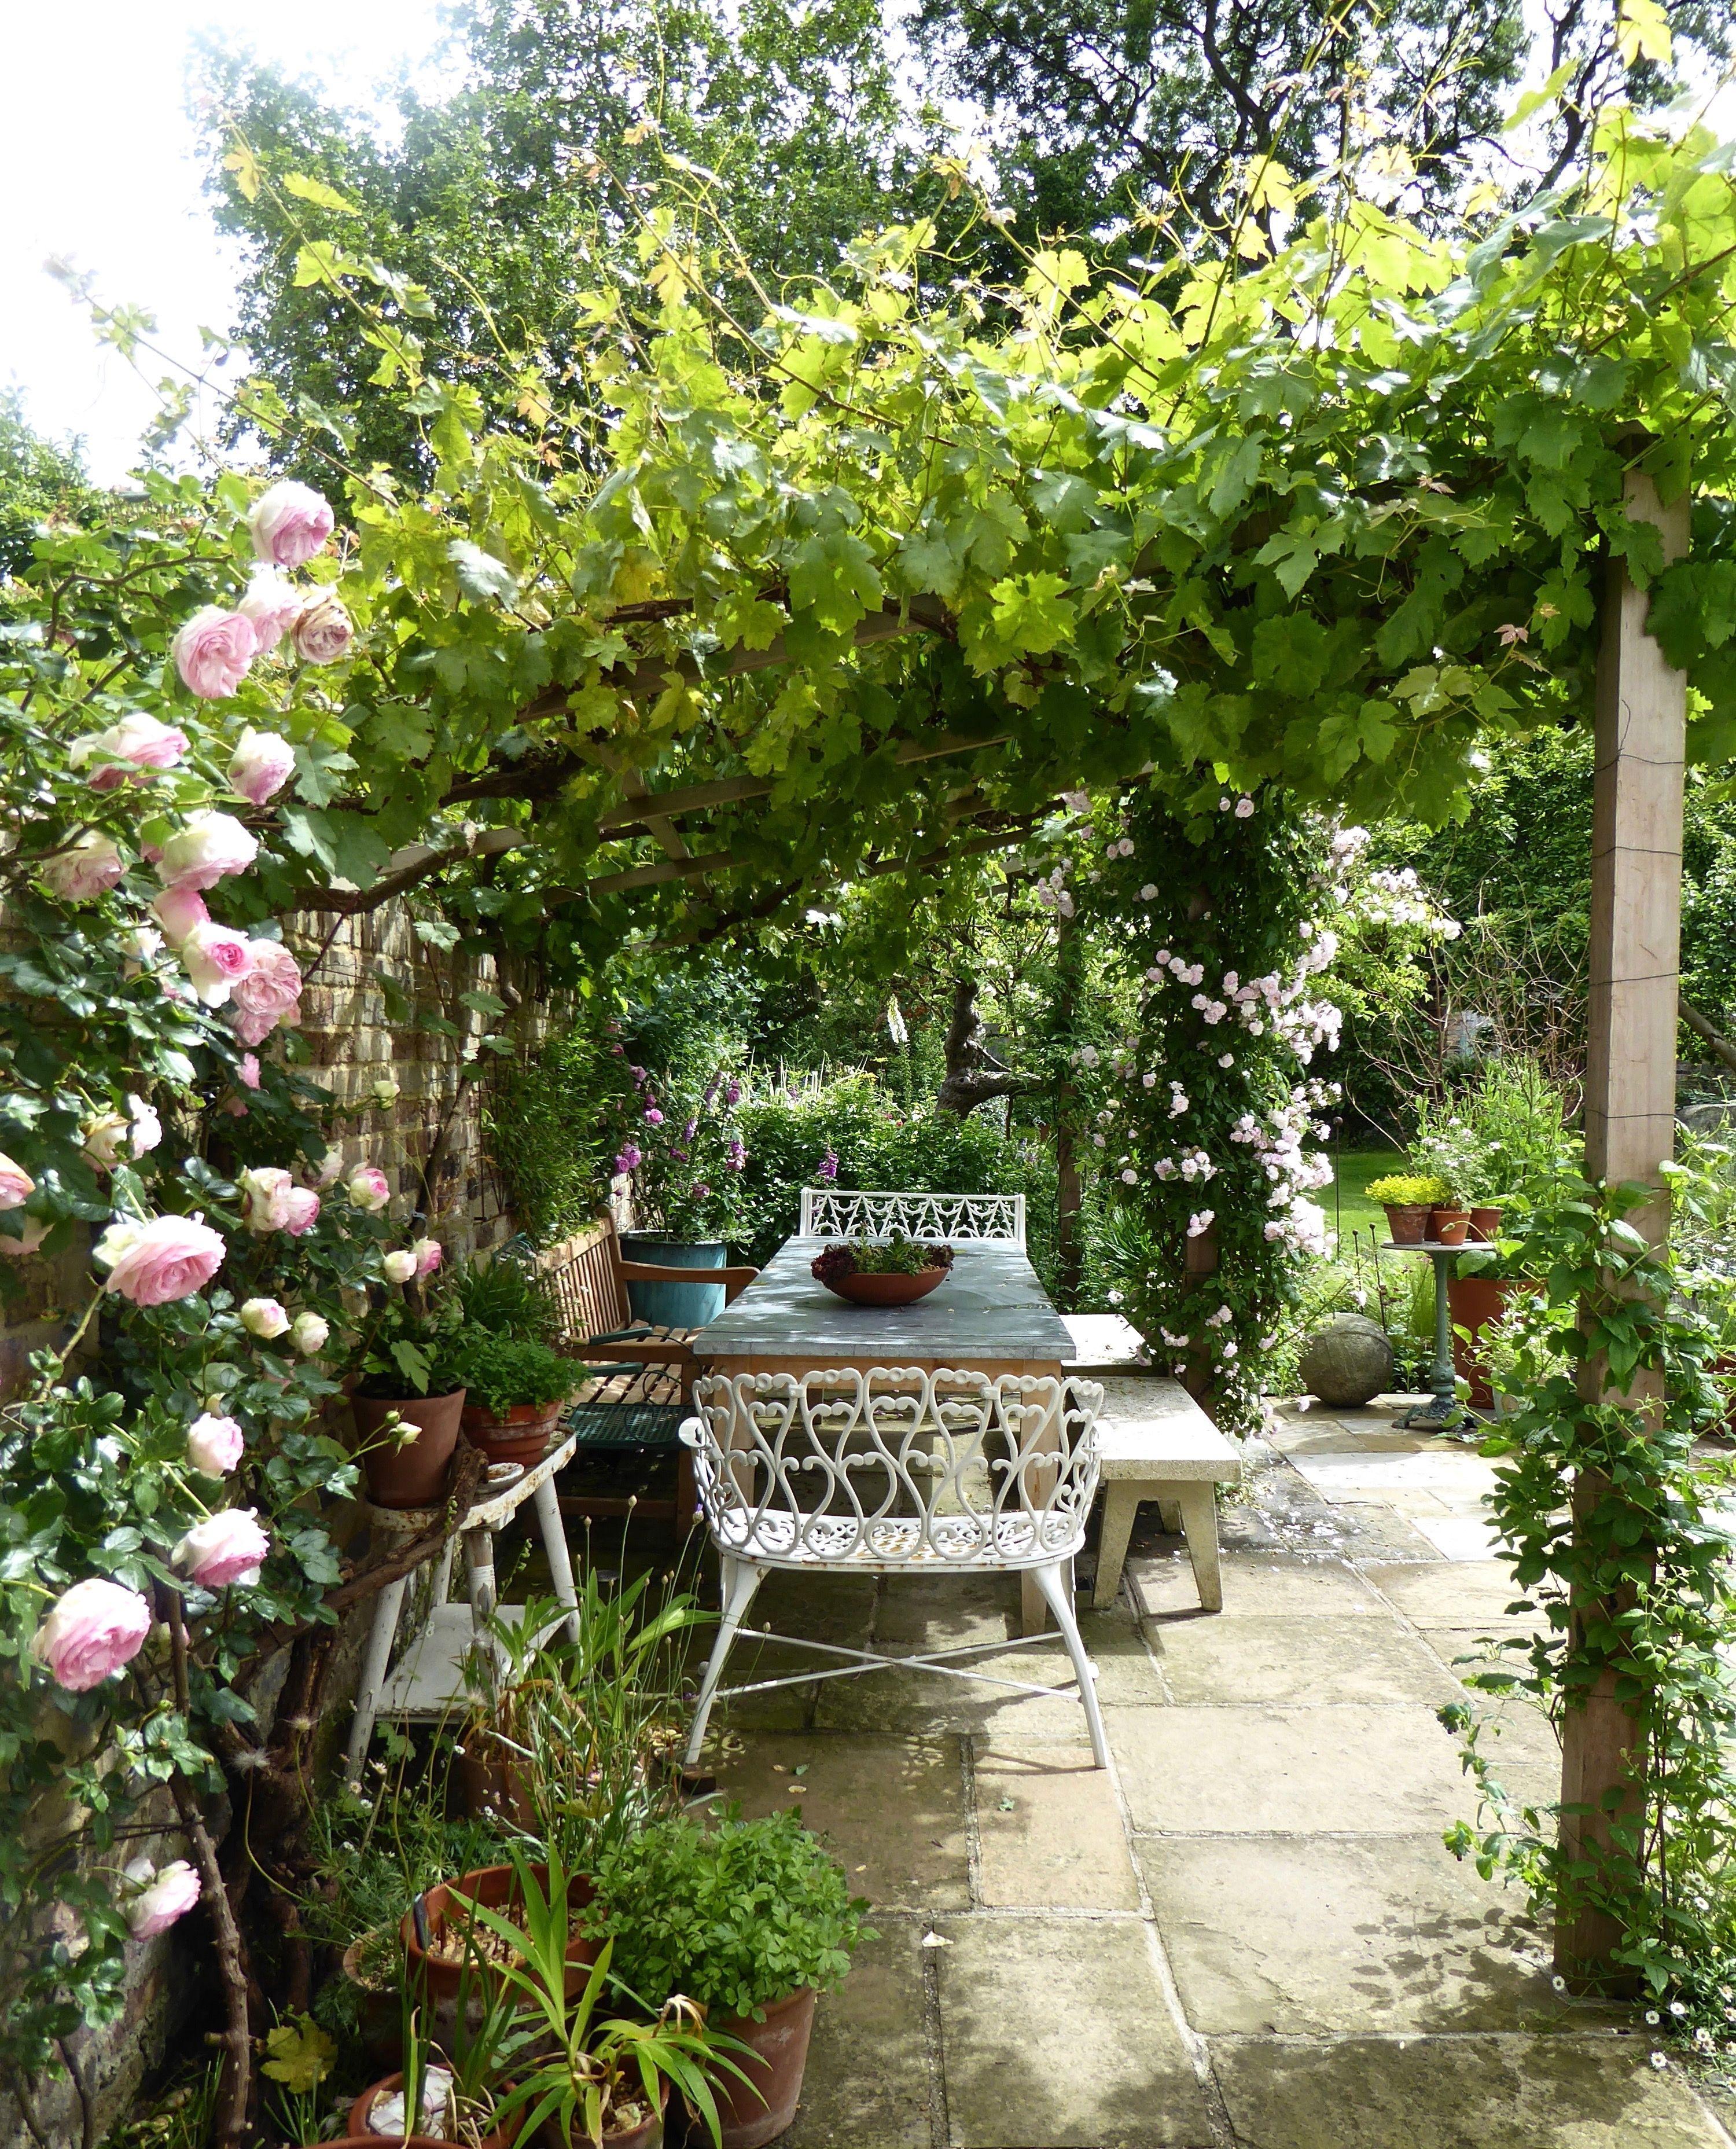 Garden Visit At Home With Writer Daisy Garnett In London Gardenista Modern Design In 2020 Garden Visits City Garden London Garden